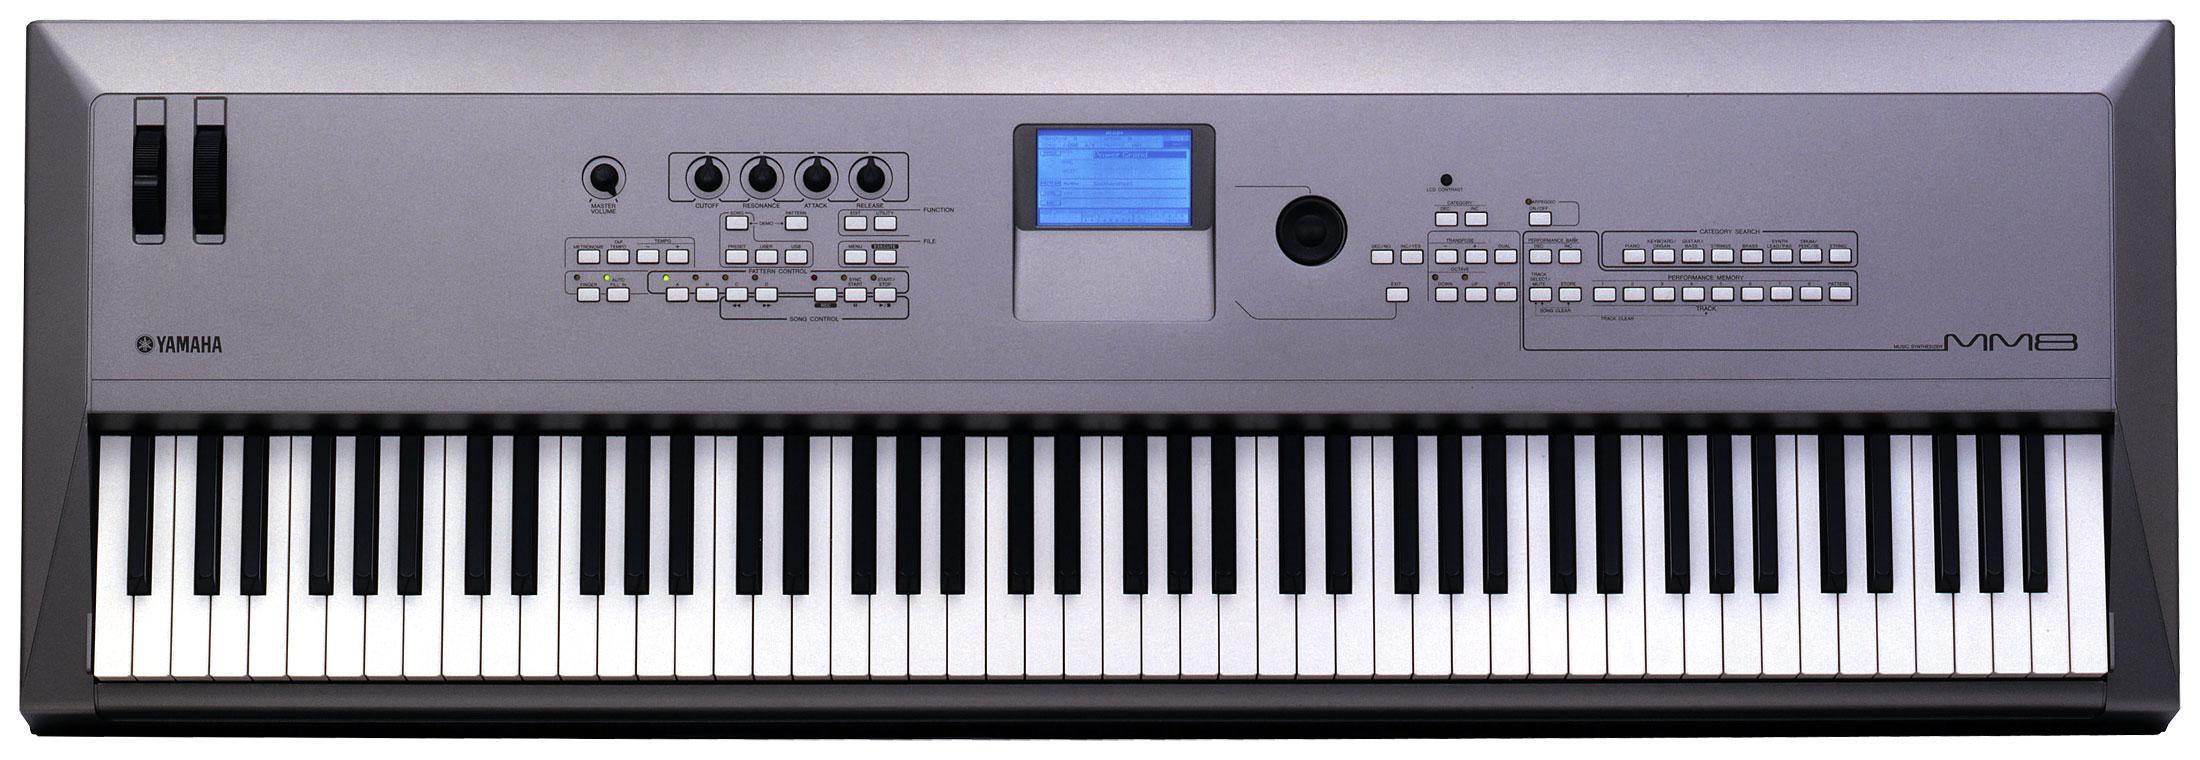 Yamaha mm8 88 key music synthesizer for Yamaha synthesizer keyboard